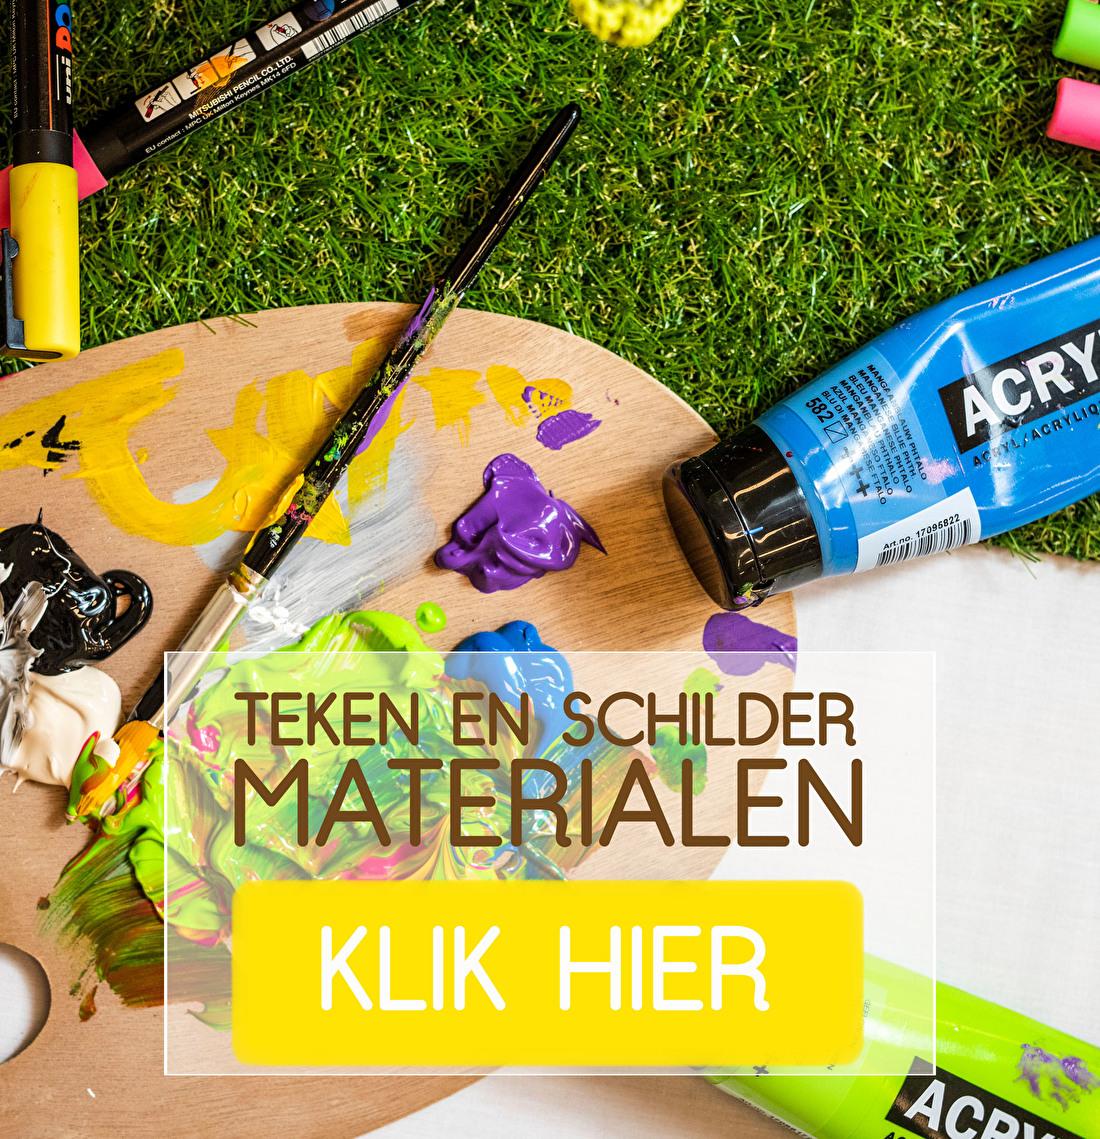 kunstenaarsbenodigdheden-teken-schilder-materialen-amsterdam-posca-craftgarden